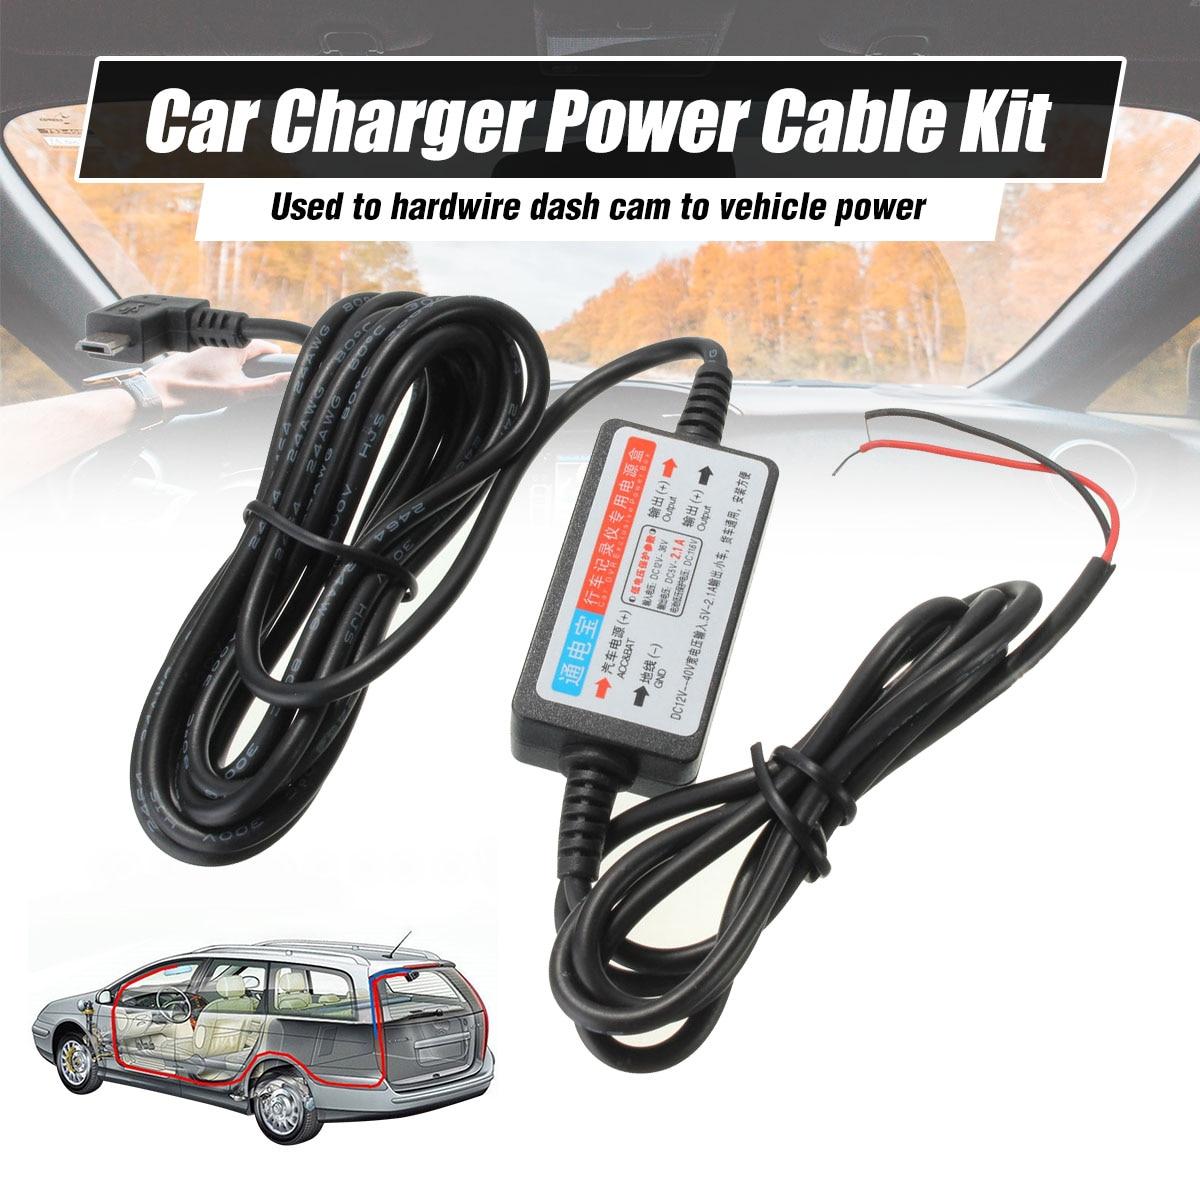 Новый мини/микро USB порт провод кабель Автомобильное зарядное устройство Комплект для камеры рекордер DVR эксклюзивное питание коробка|usb cable for car|wire for carwire car | АлиЭкспресс